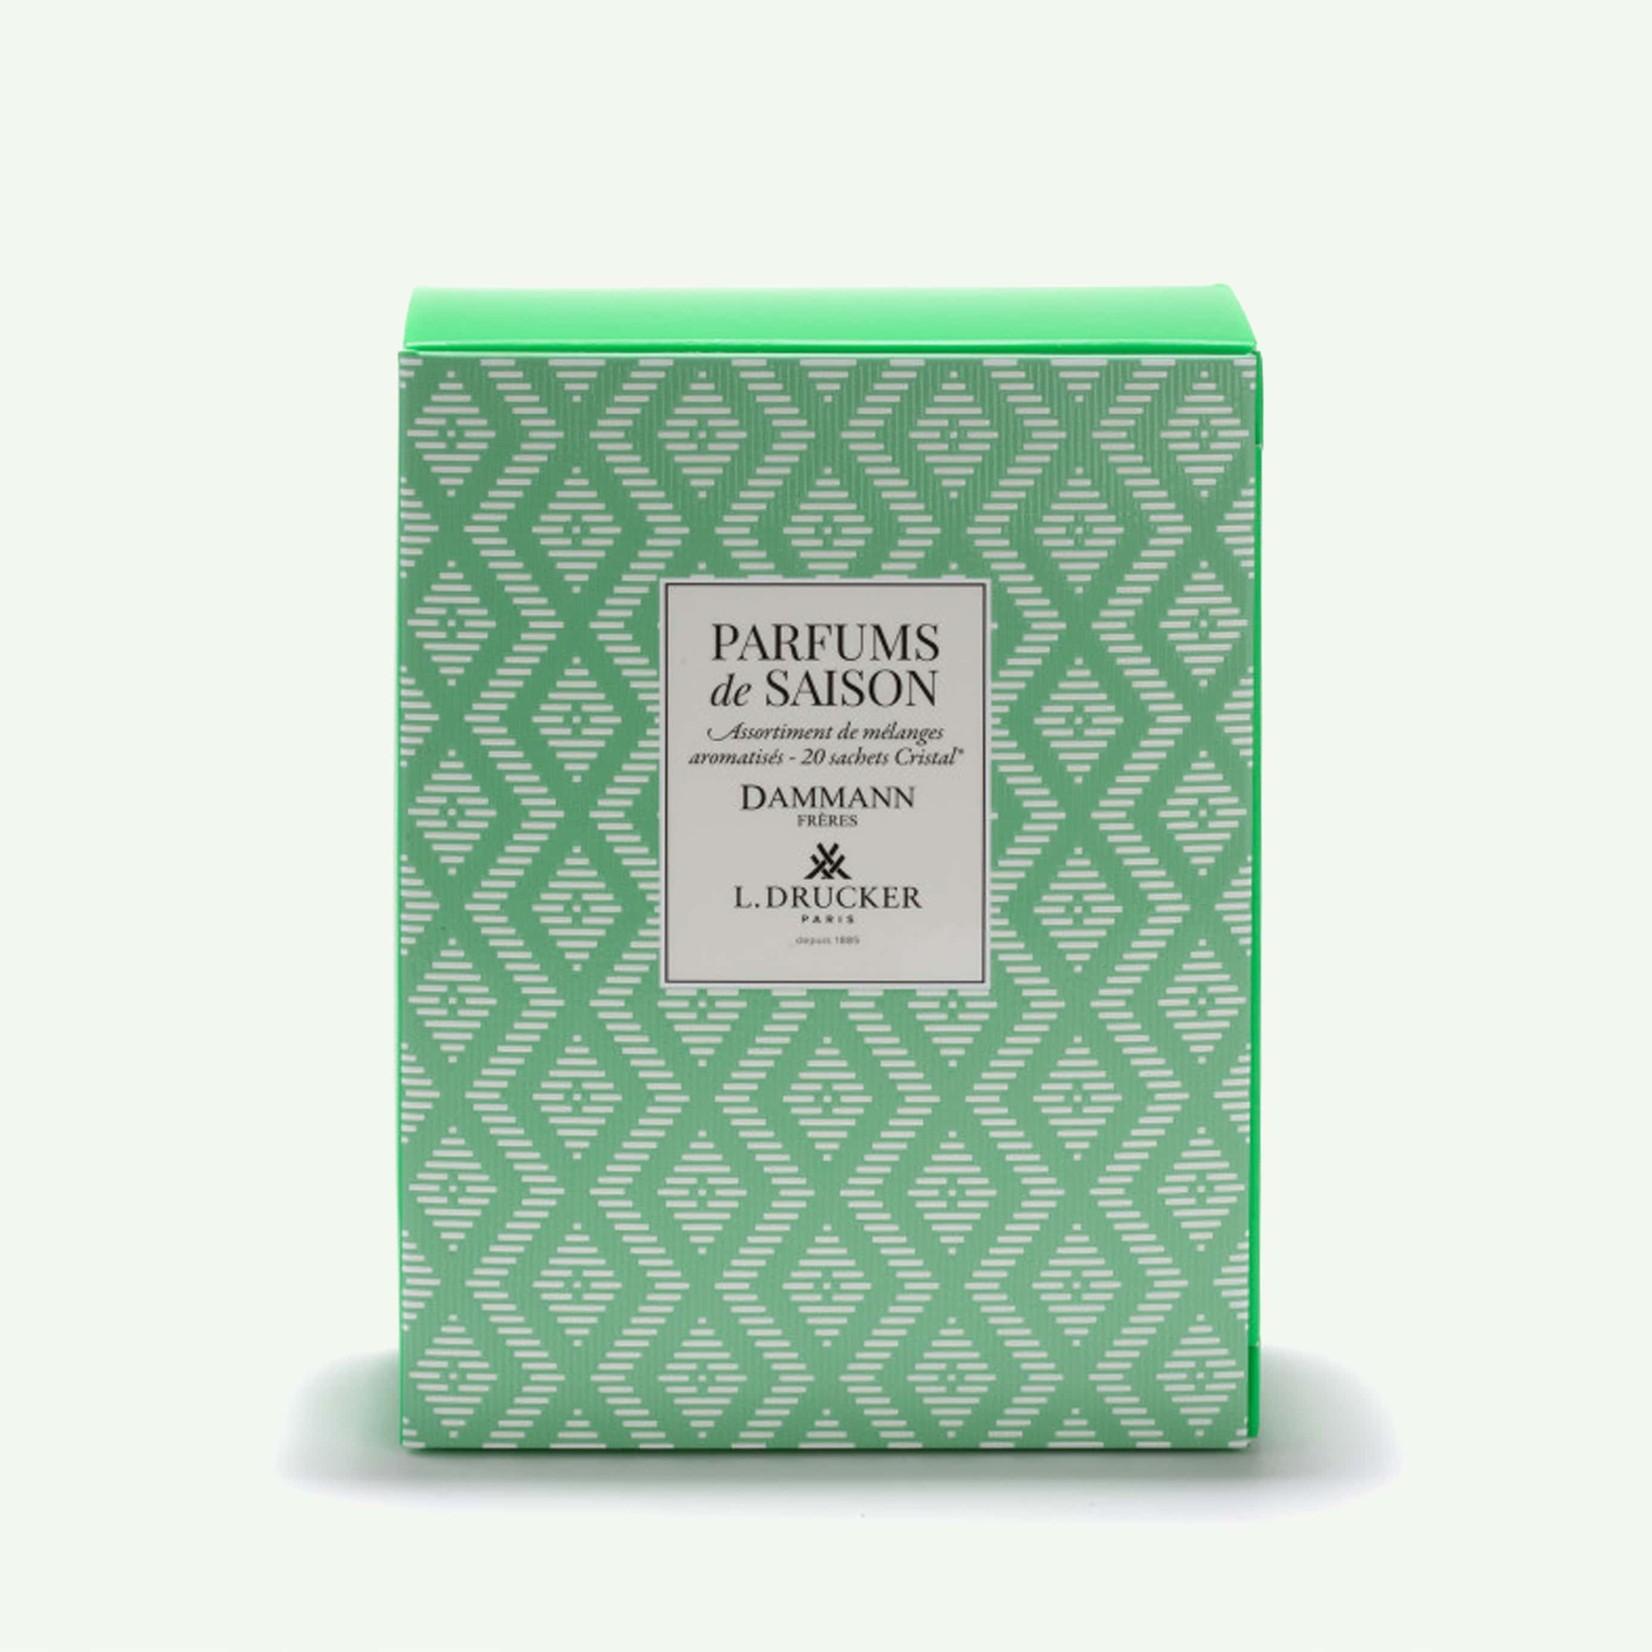 """Dammann """"Parfum de Saison"""" Green Gift Set - 20 Teabags"""